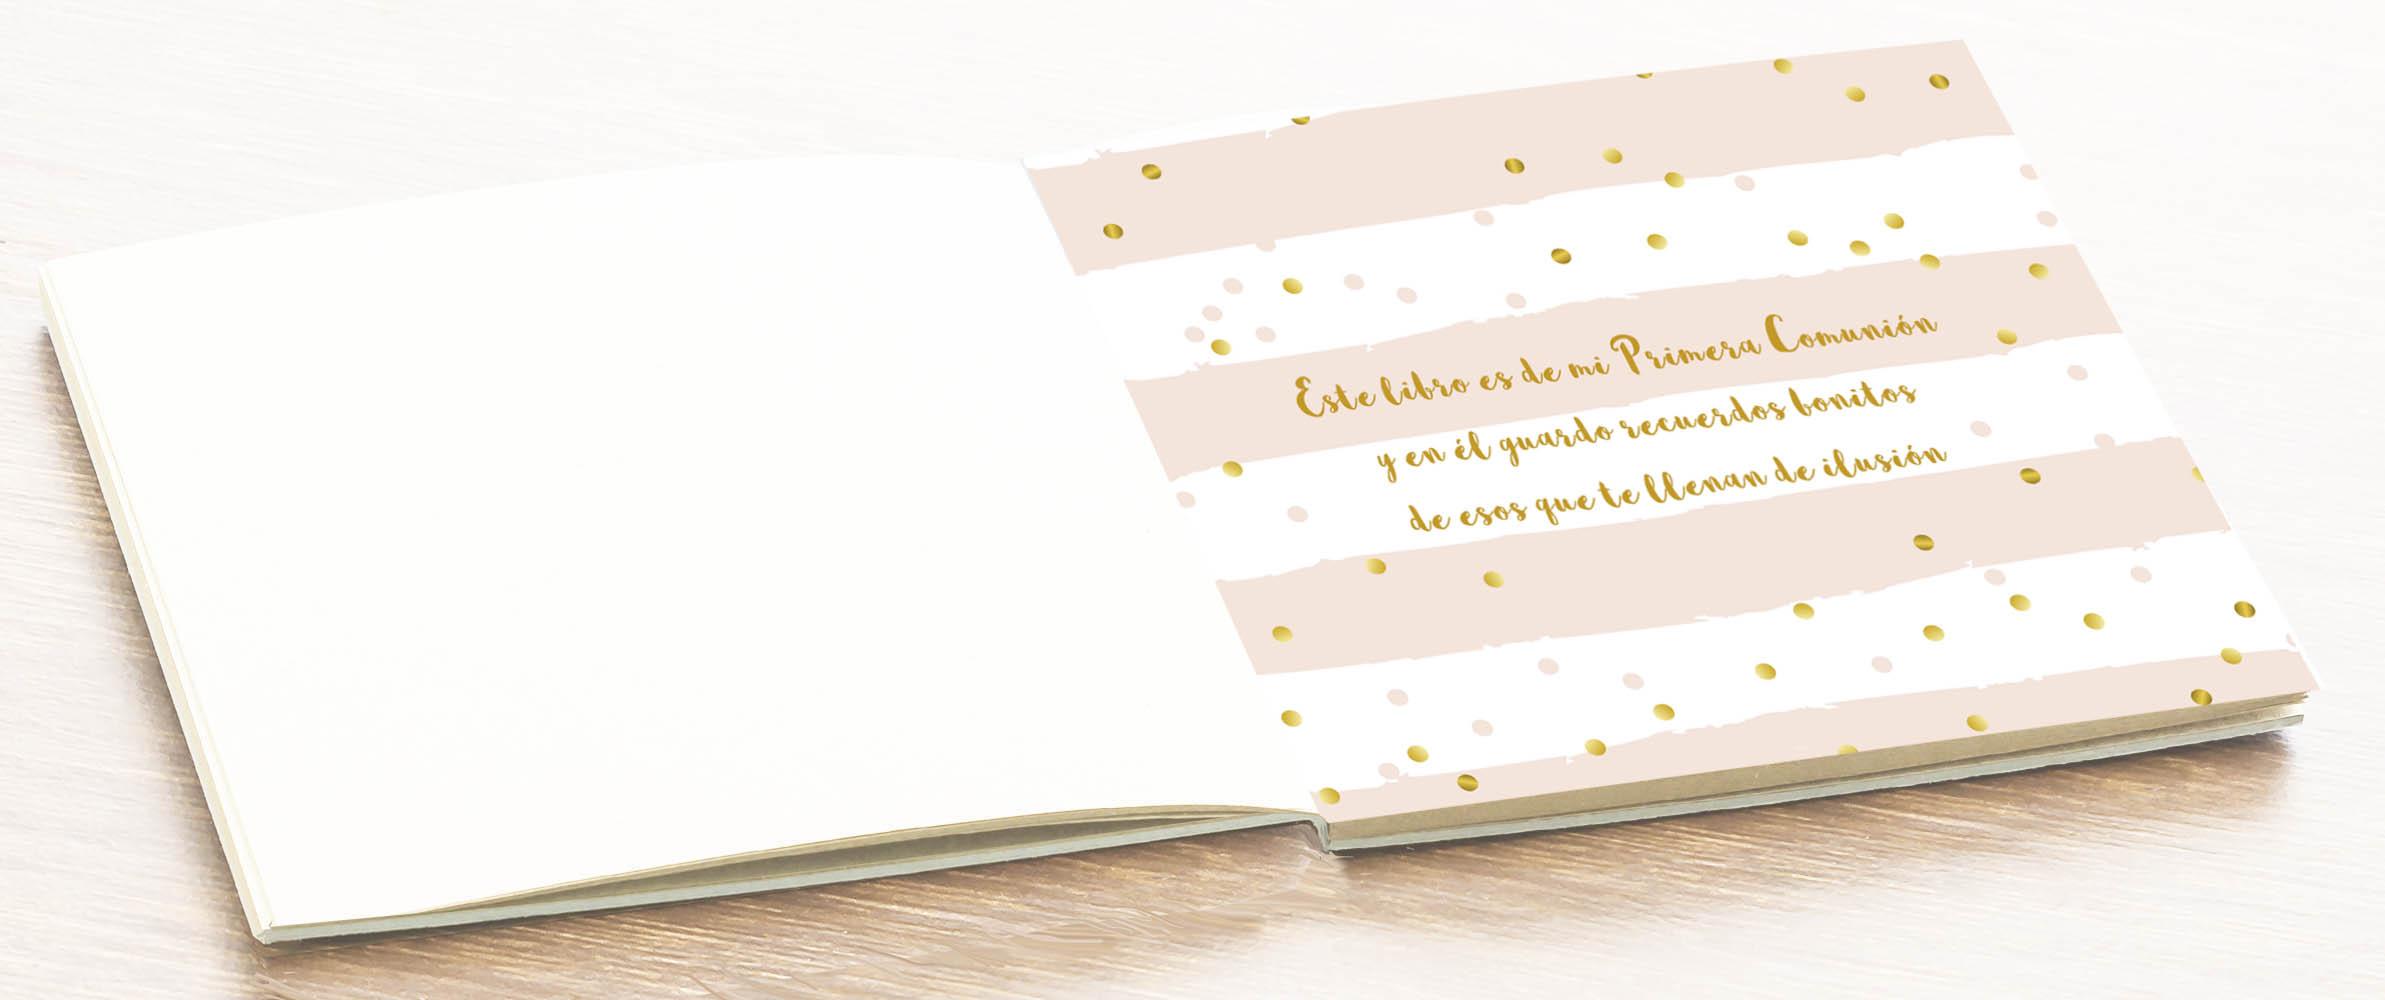 Libro de firmas álbum comunión niña Petitkokoro vista hojas interiores